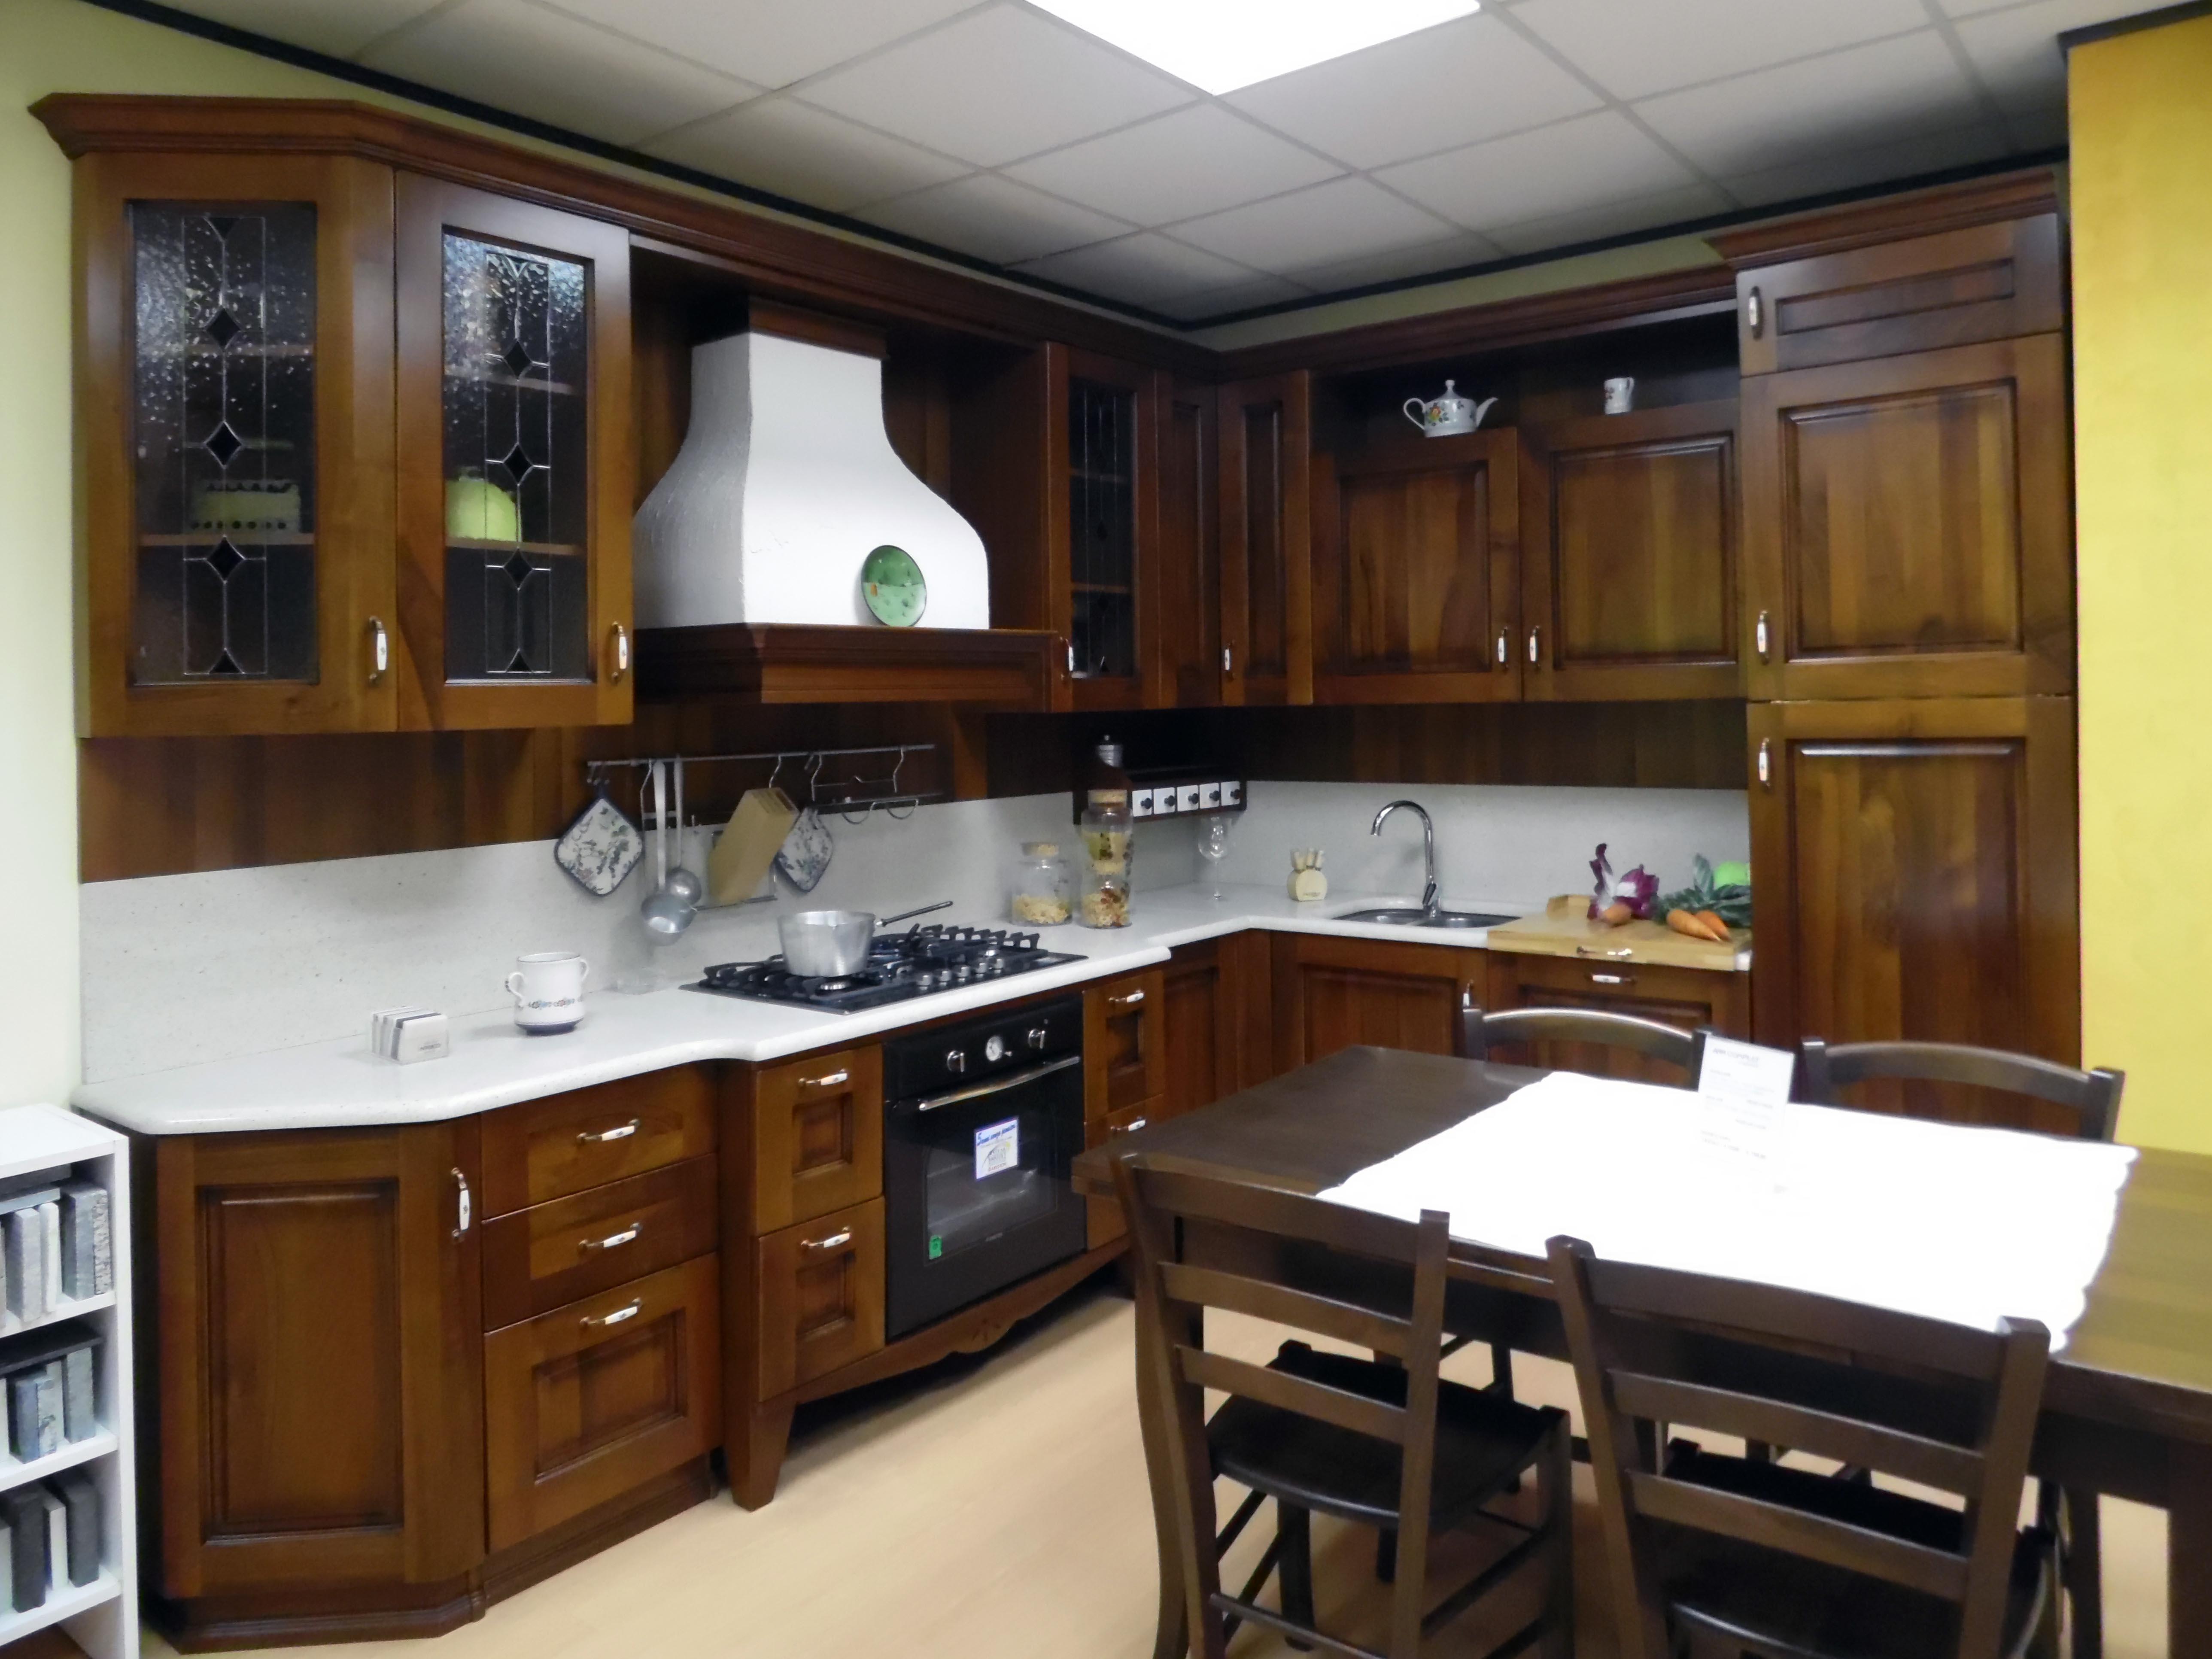 Vendita top per cucine with vendita top per cucine top - Vendita top cucina ...